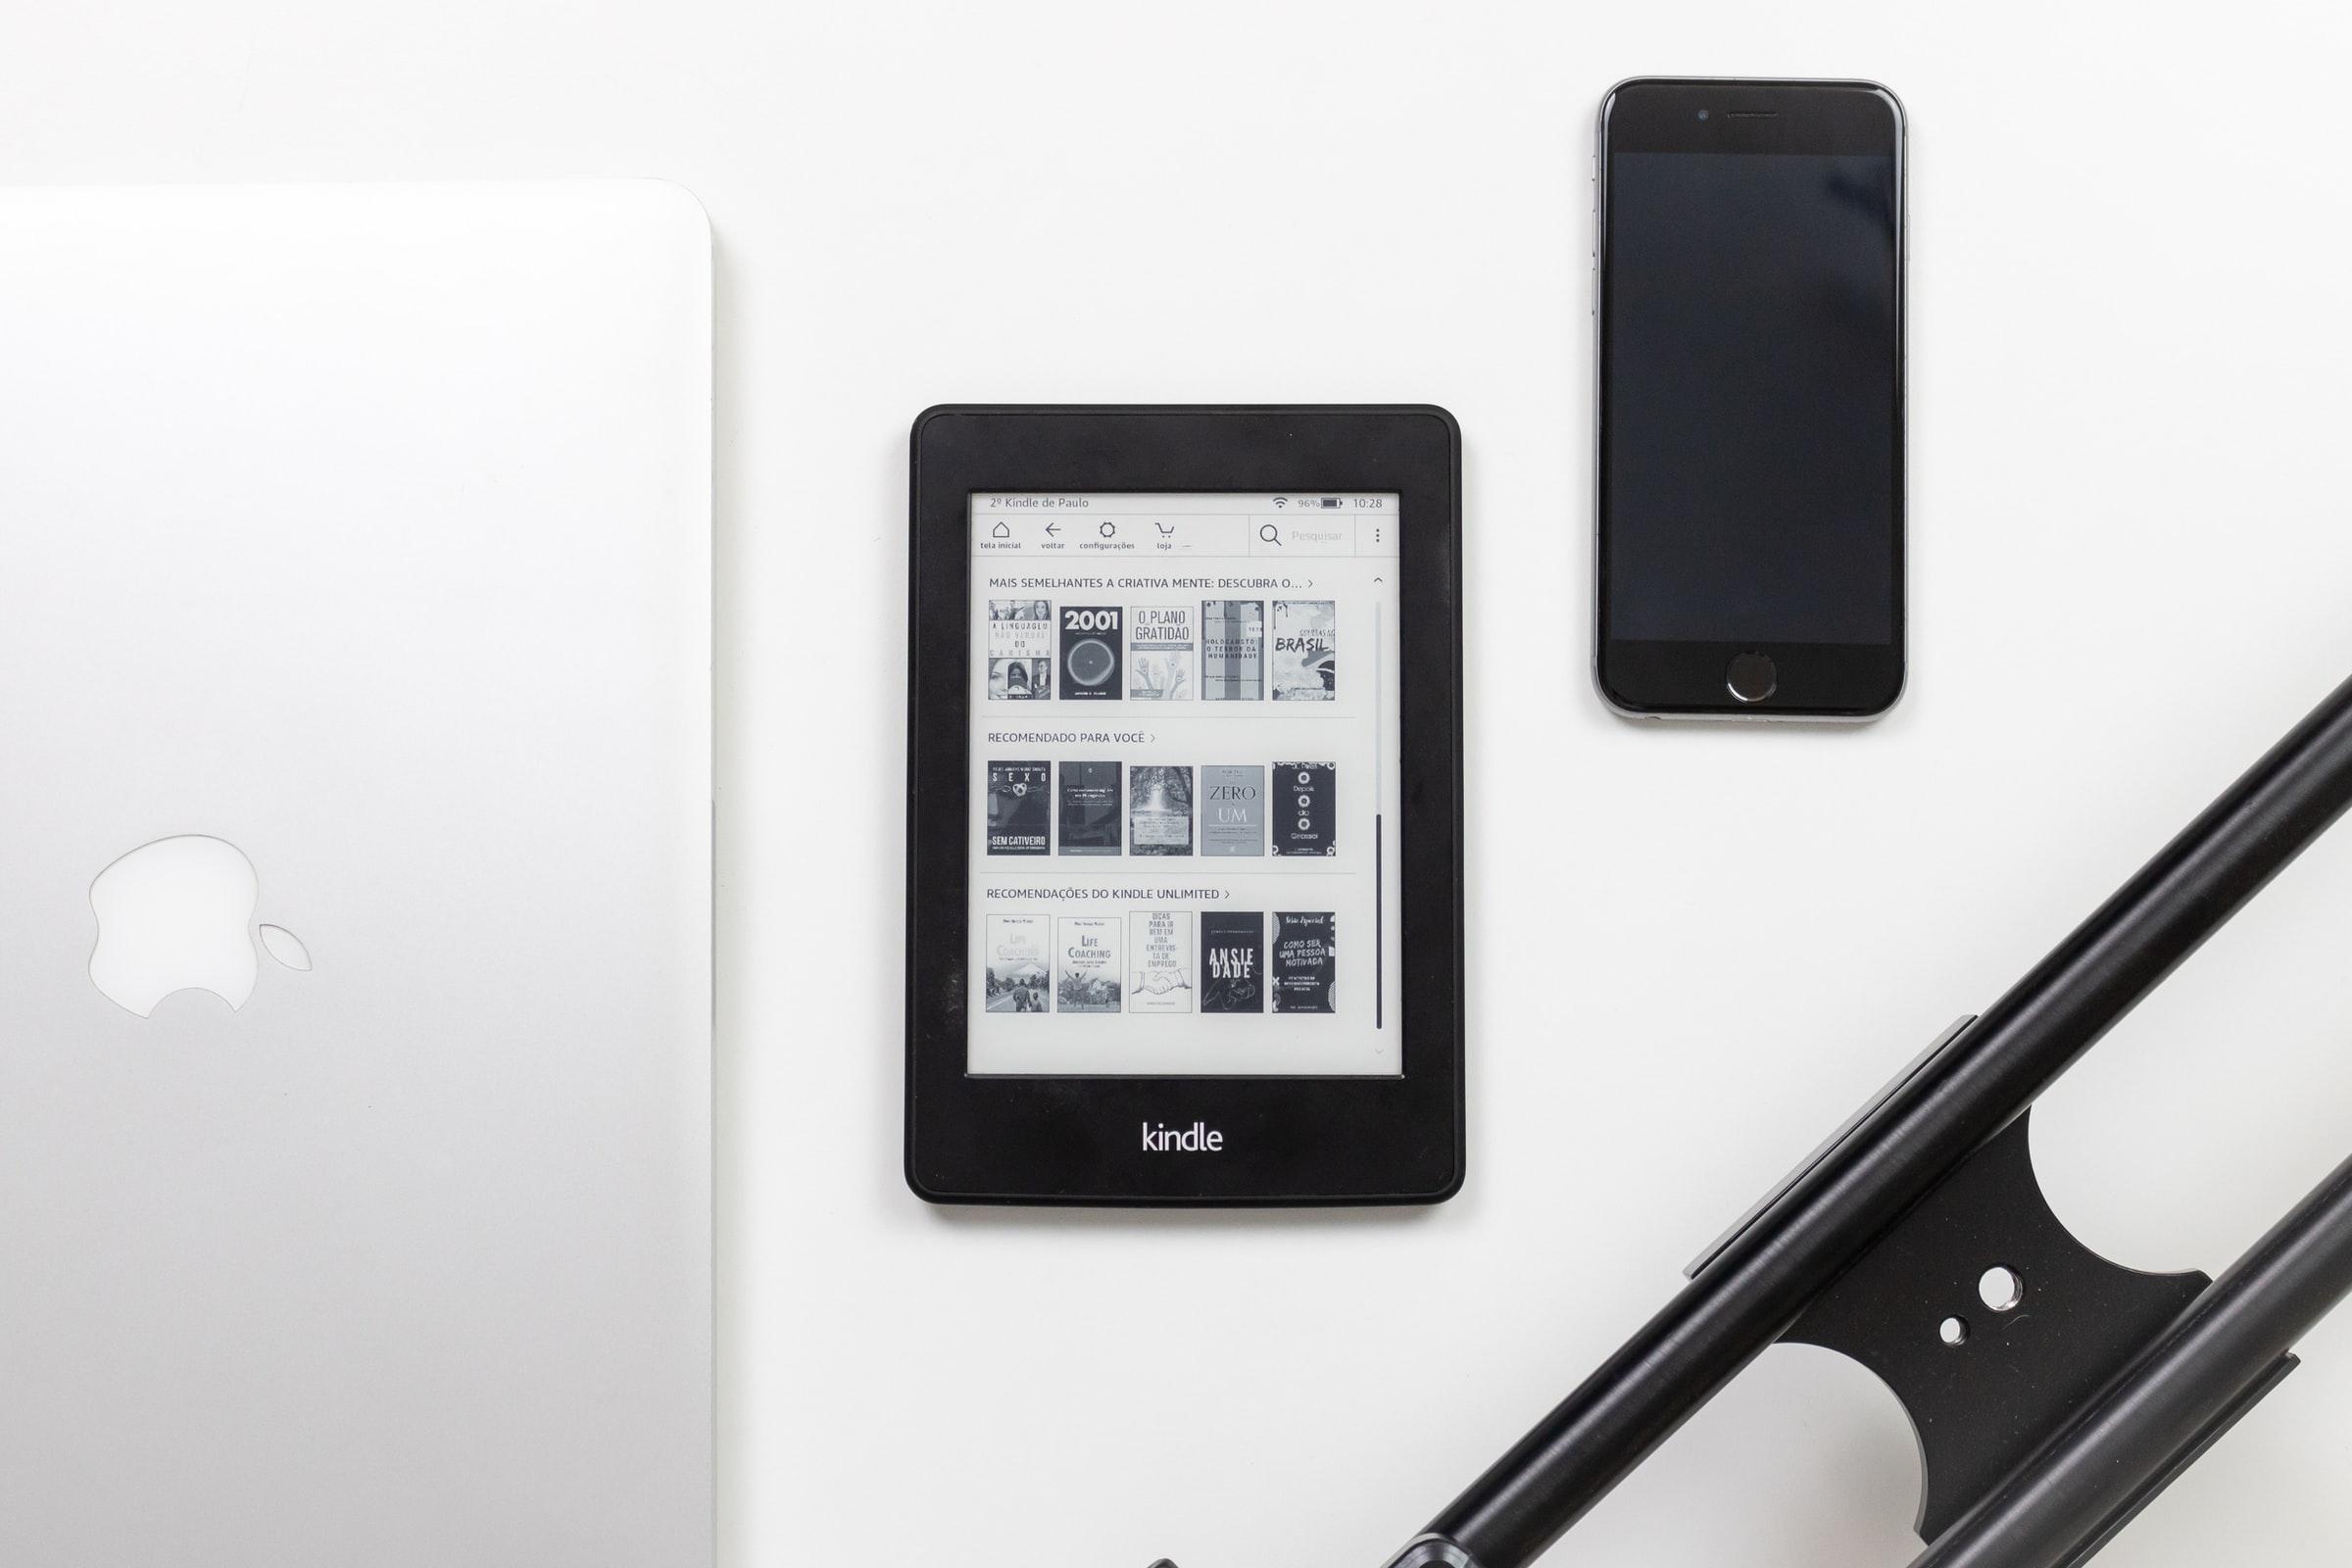 Akses Internet Terbatas di Kindle